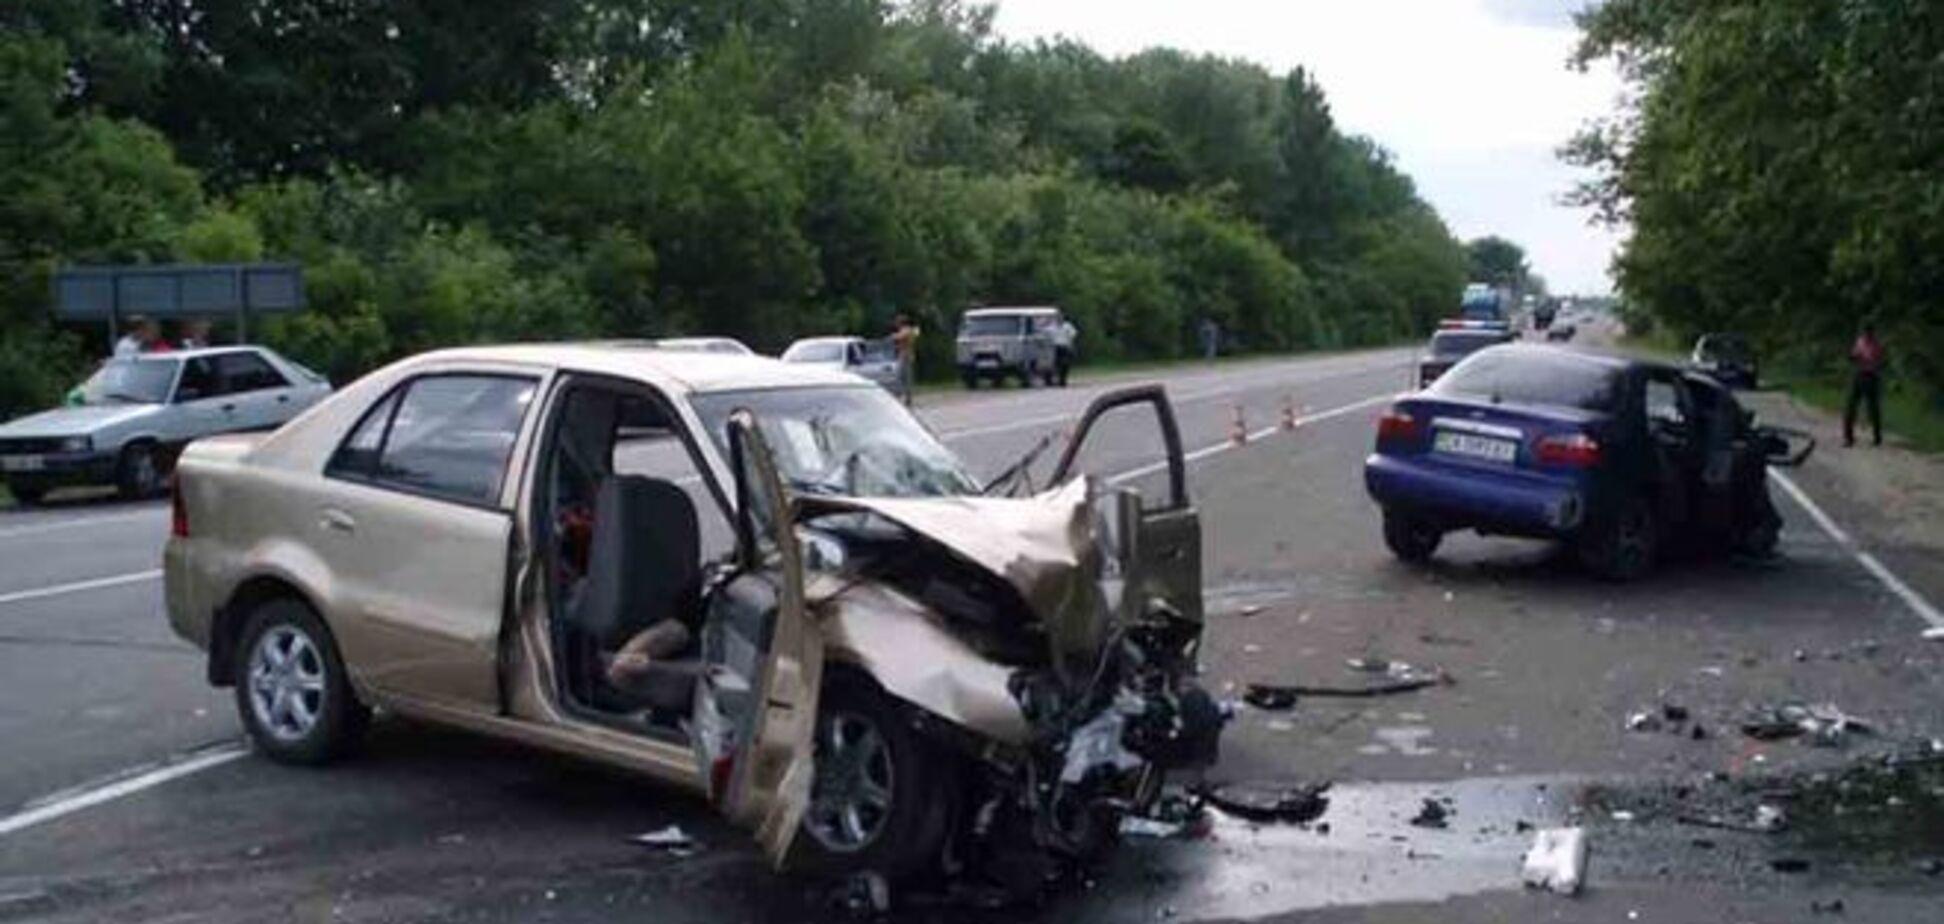 Милиционер-гонщик может спрятаться от правосудия у террористов 'ДНР' - журналист